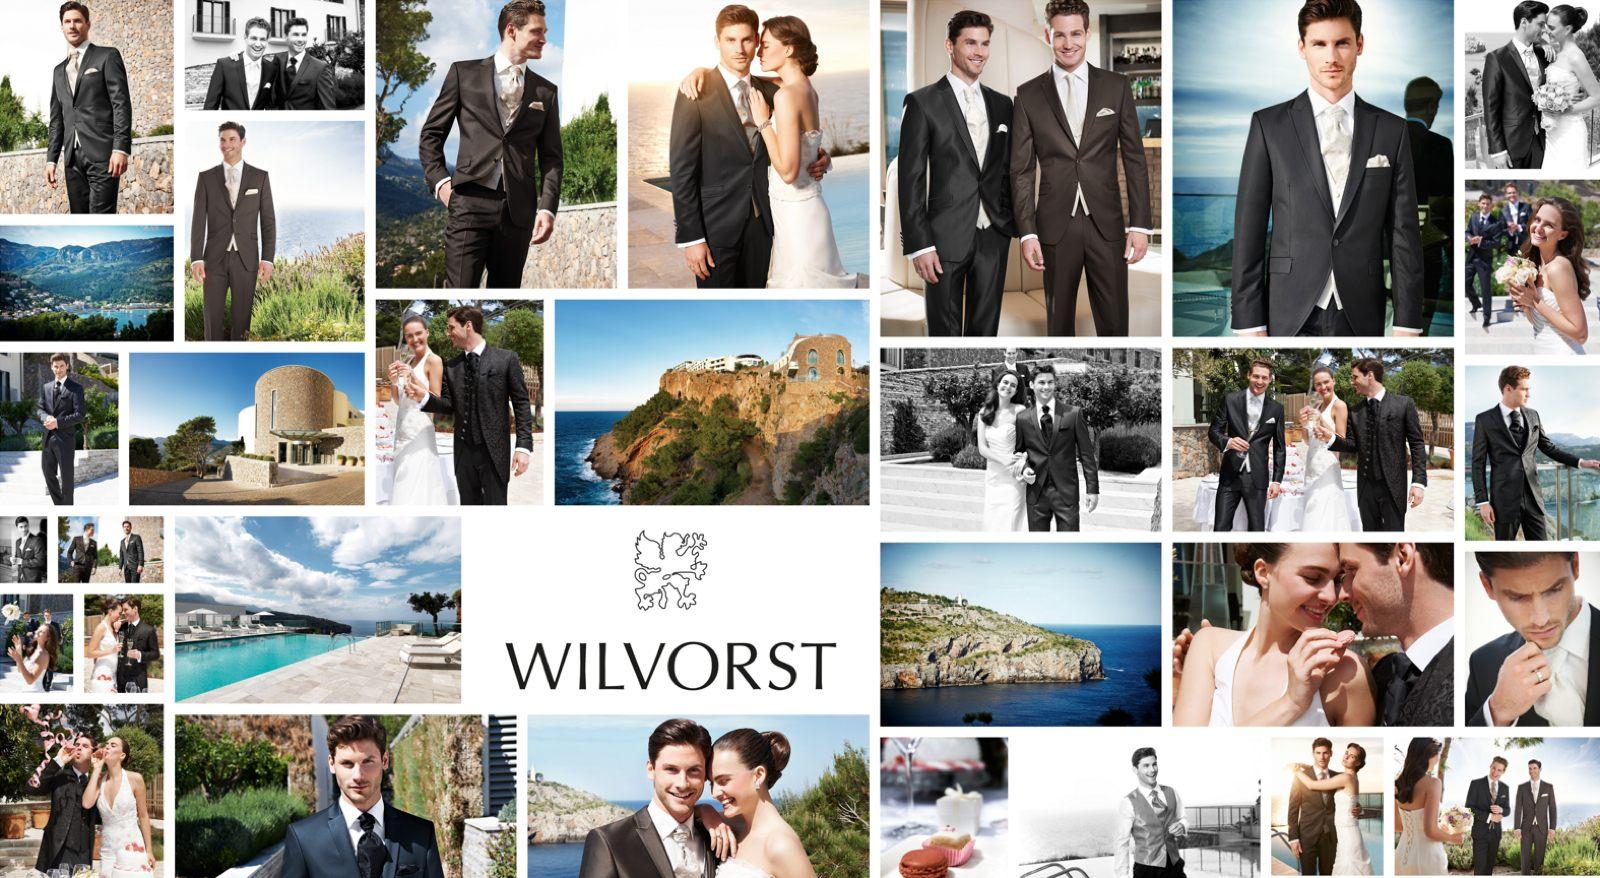 Wilvorst-Banner_.jpg